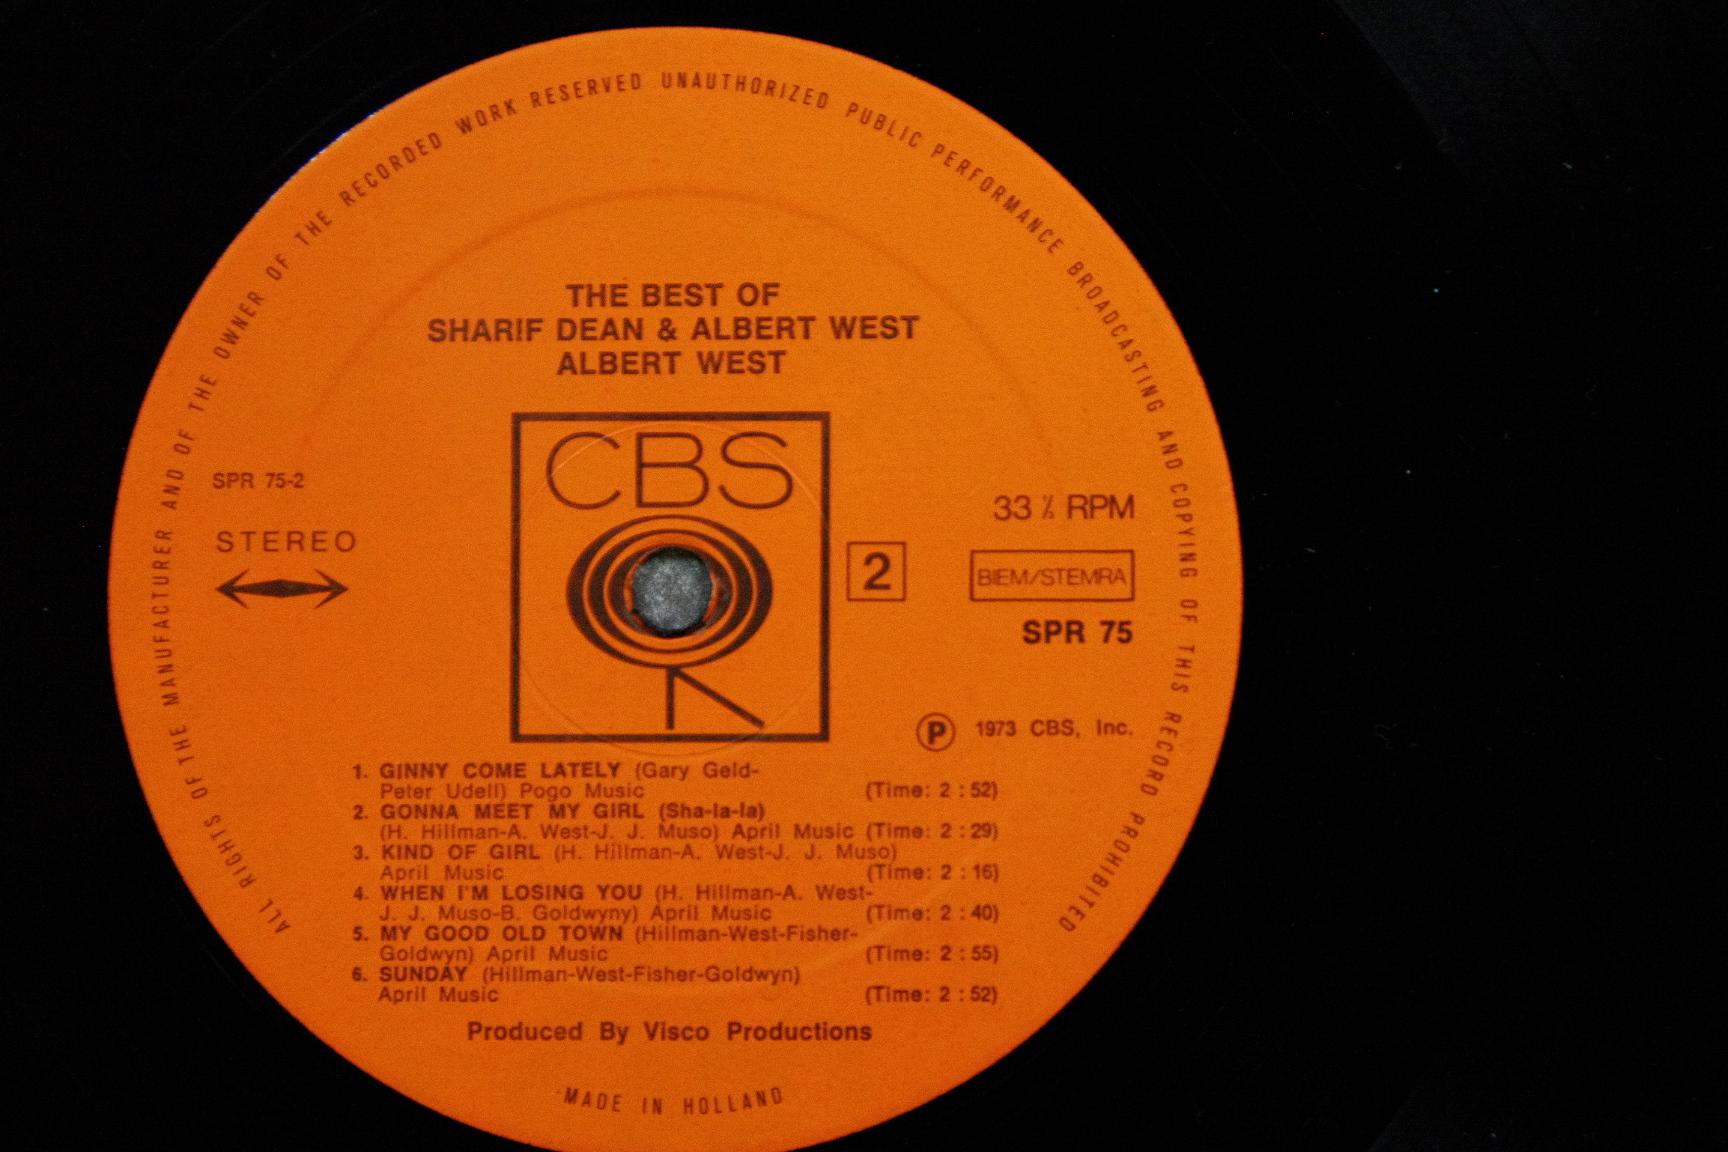 В поисках утраченного диски, такие, продавали, место, демократов, монстры, названиями, Records, Мелодии, покупали, нибудь, бабочкой, Chrysalis, джинсы, какой, тогда, Music, совершенно, какие, должен